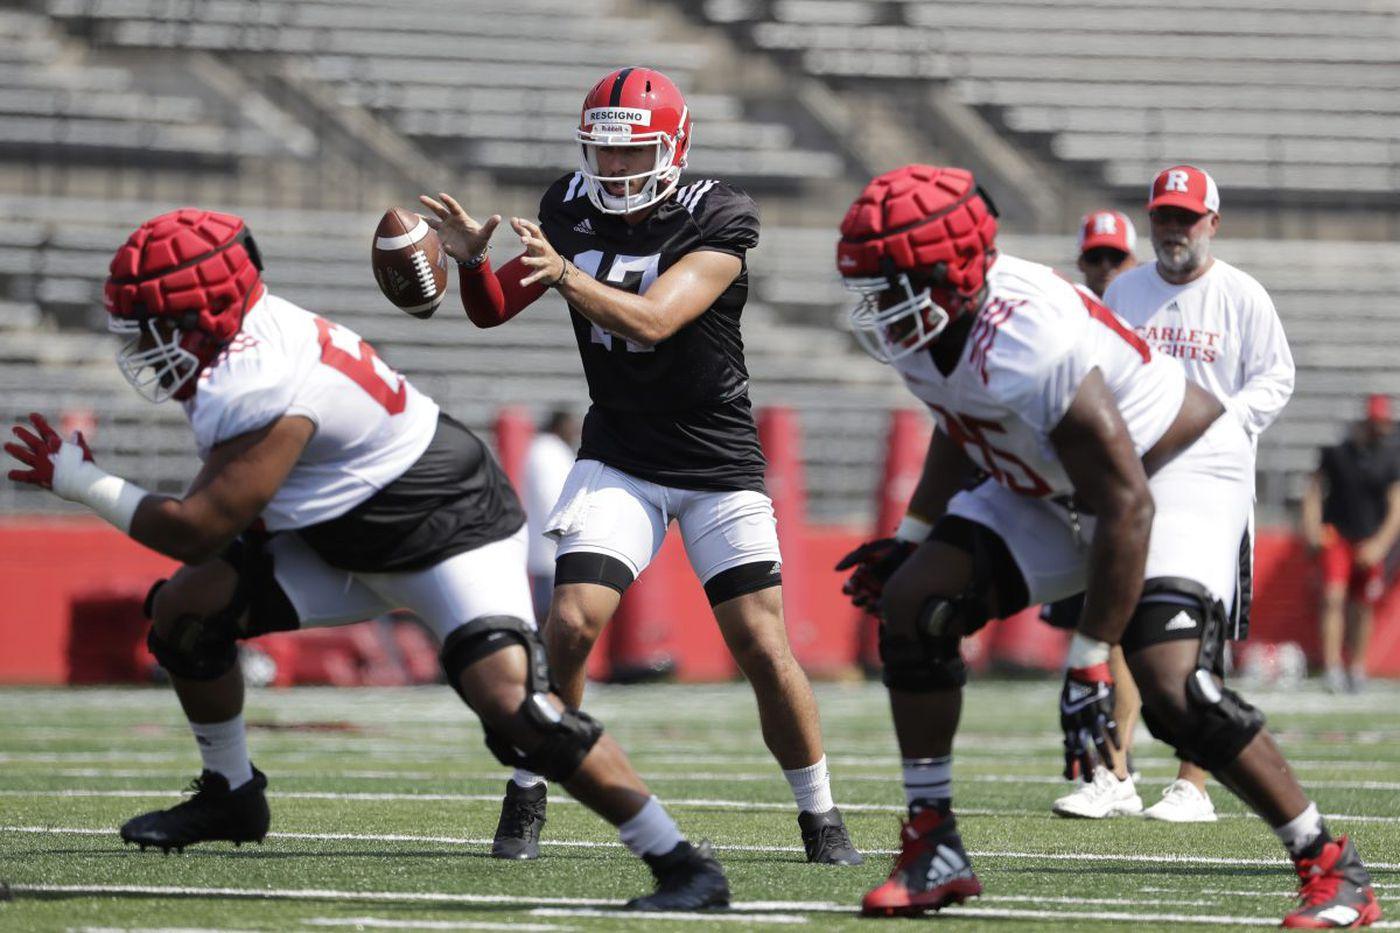 Seems Rutgers has a new starting QB | Big Ten notes